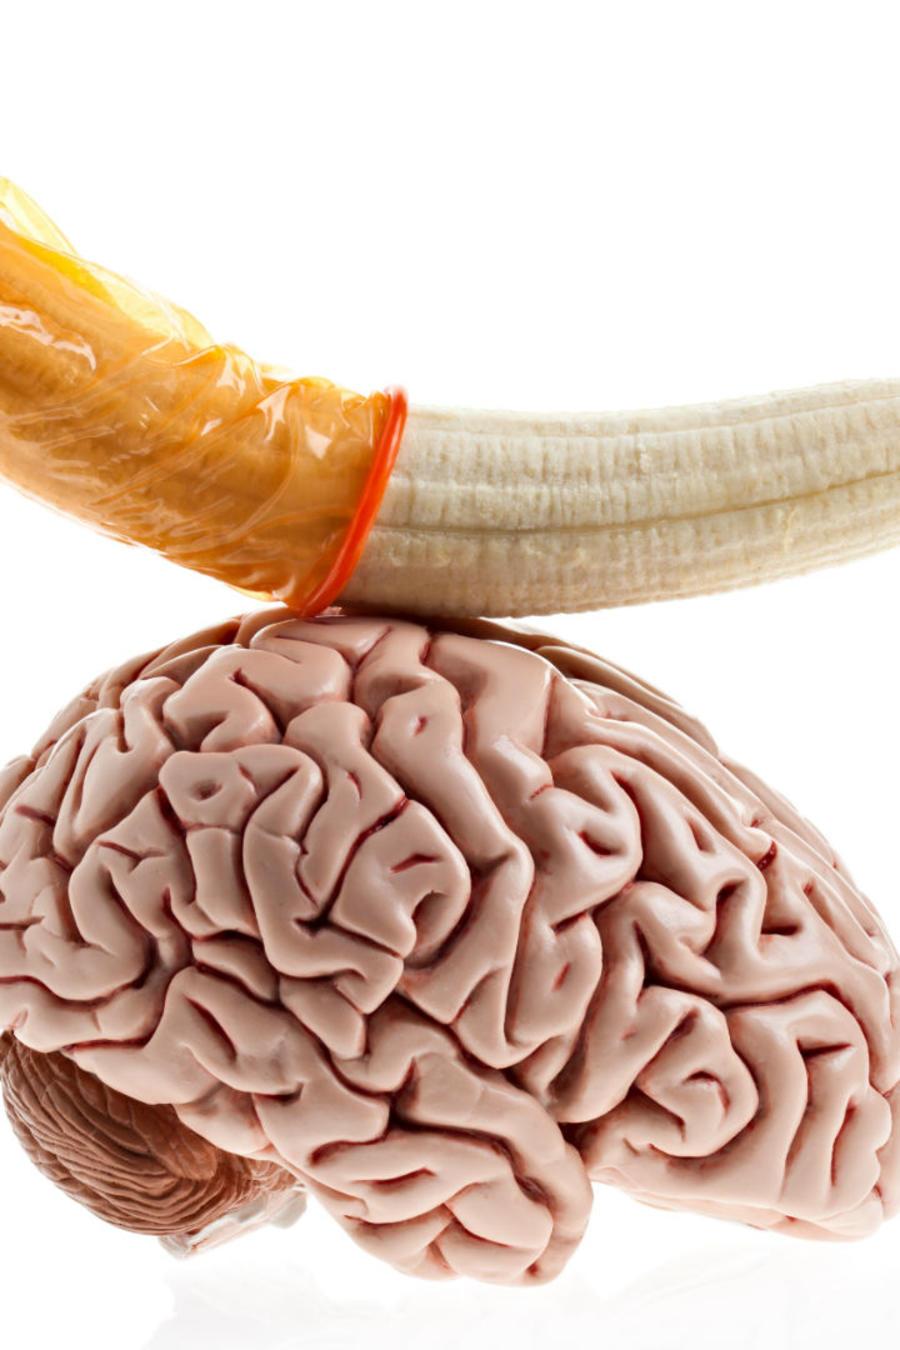 Cerebro con un plátano encima